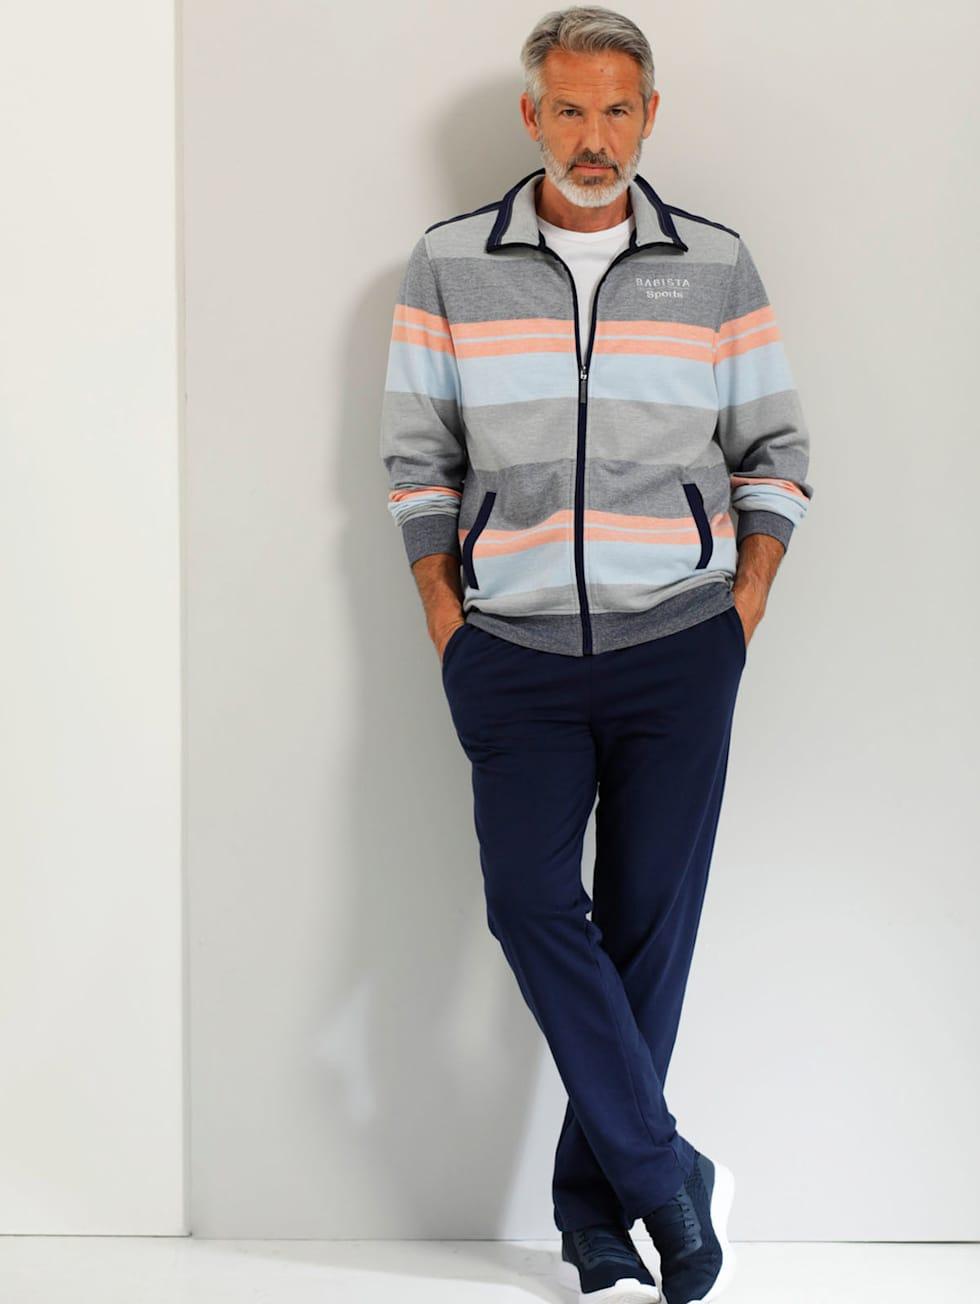 Sportivo-Outfit: Bunter Freizeitanzug in Marine, Grau und Orange